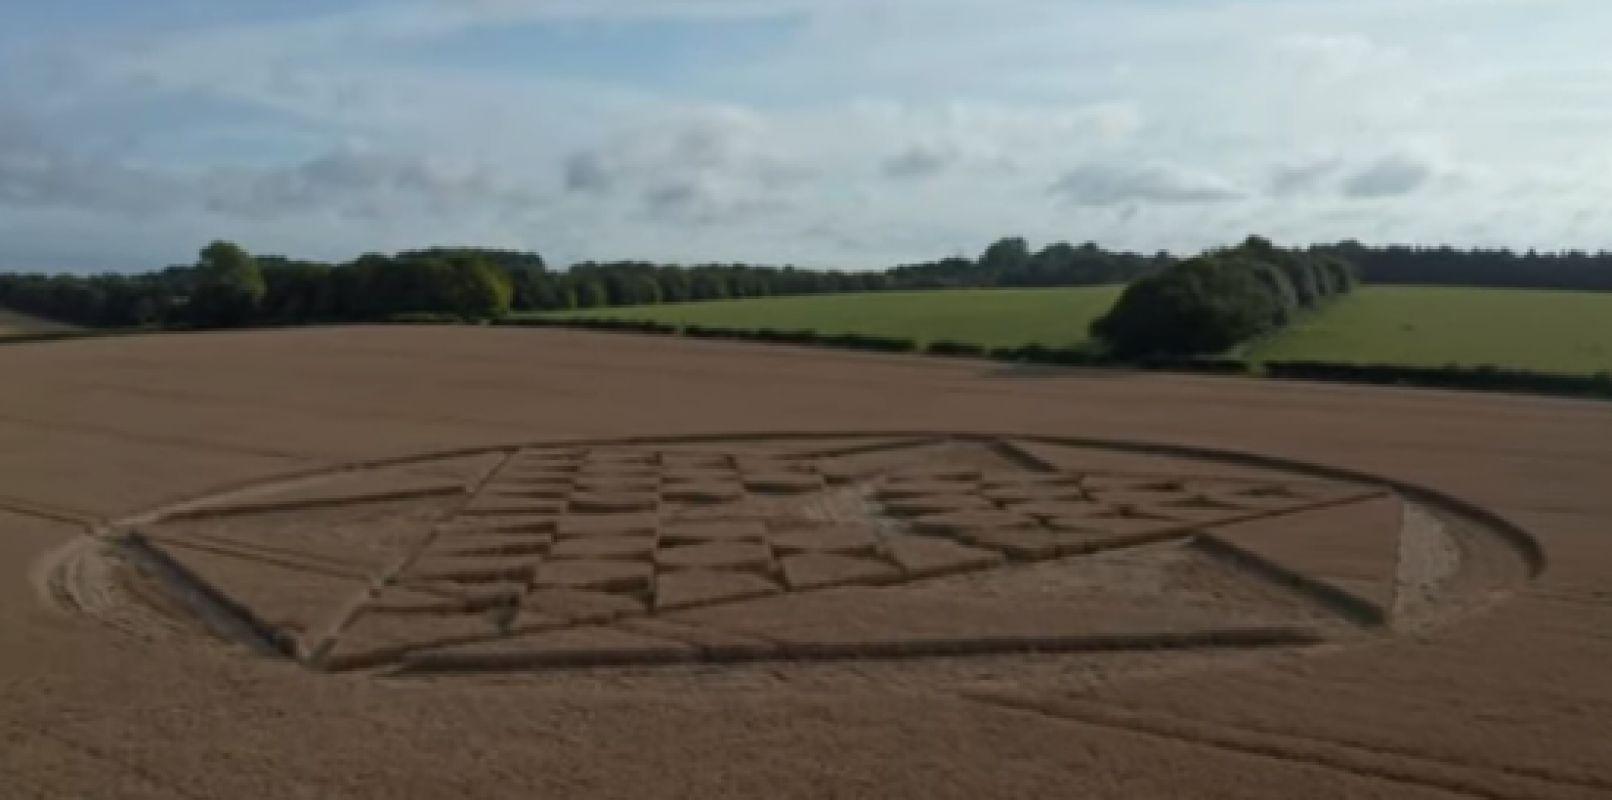 Видеоролик с шедевром на поле в Великобритании очаровал пользователей интернета